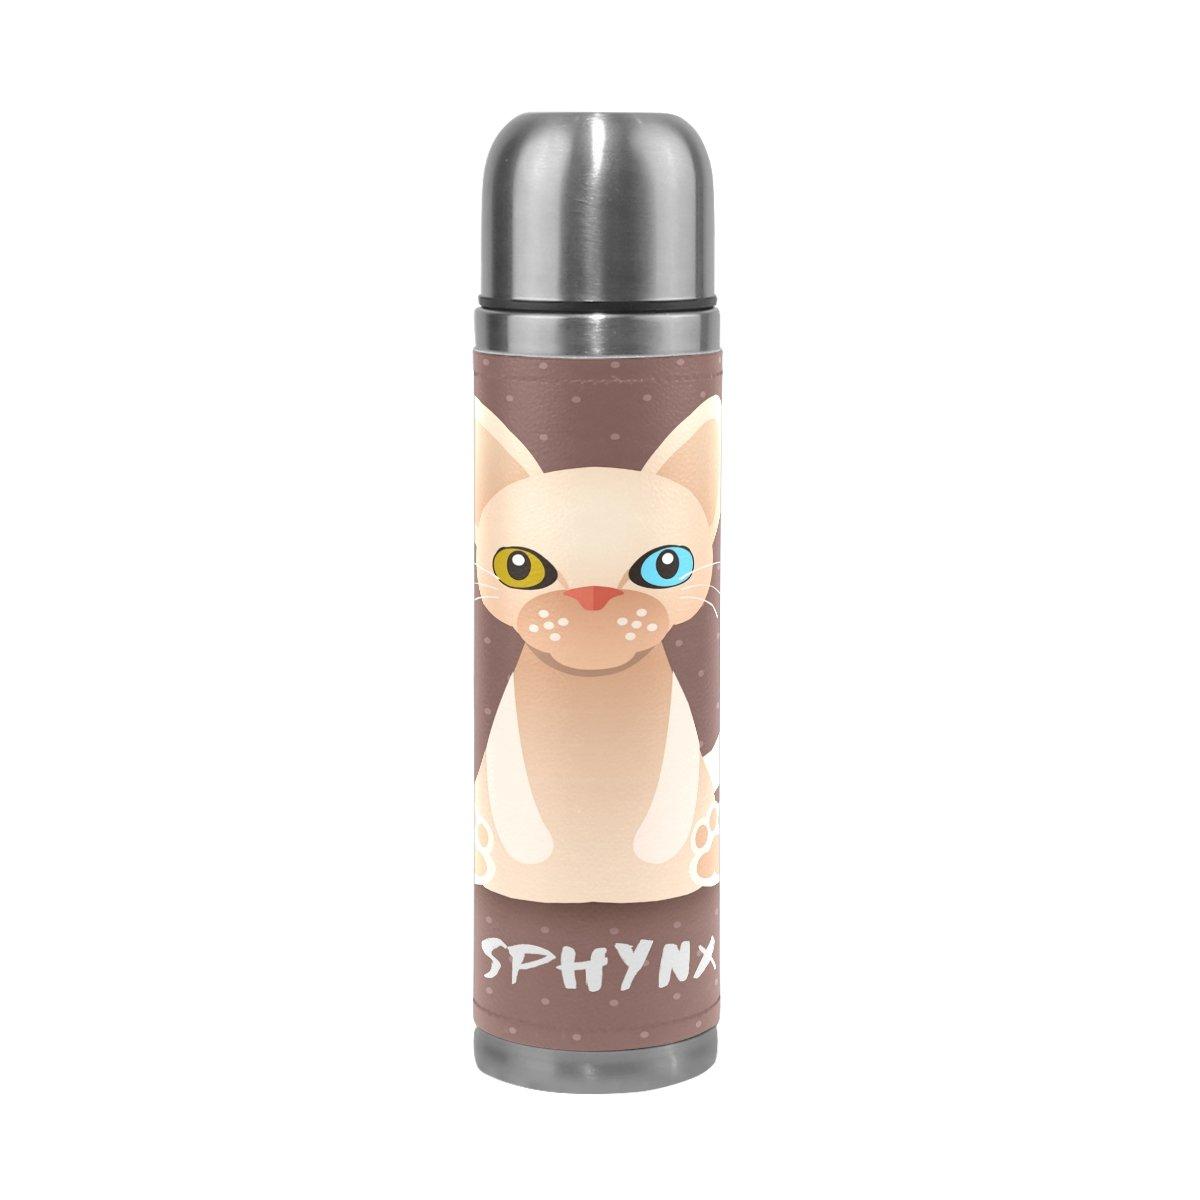 特価商品  Alaza Sphynx Sphynx Catステンレススチールウォーターボトル漏れ防止真空断熱魔法瓶フラスコ17 B078MMBS11 oz Genuine Leather Leather Wrappedカバー B078MMBS11, インナーショップ Wah:e71f317b --- a0267596.xsph.ru